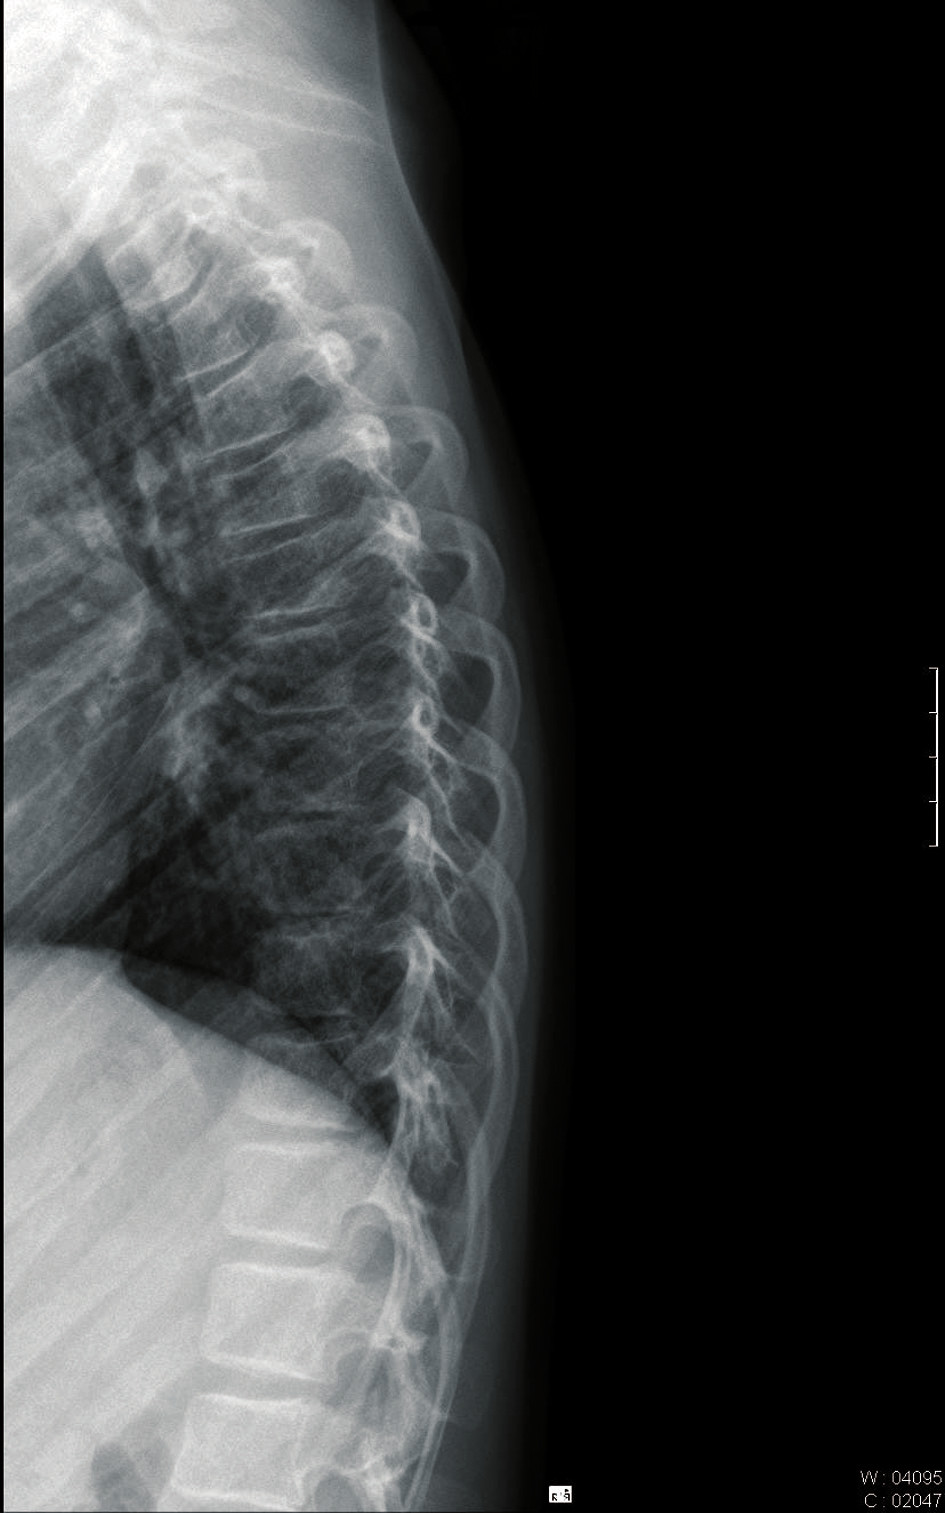 RTG vyšetření – zlomenina obratlového těla v oblasti Th3-6 a Th10-11